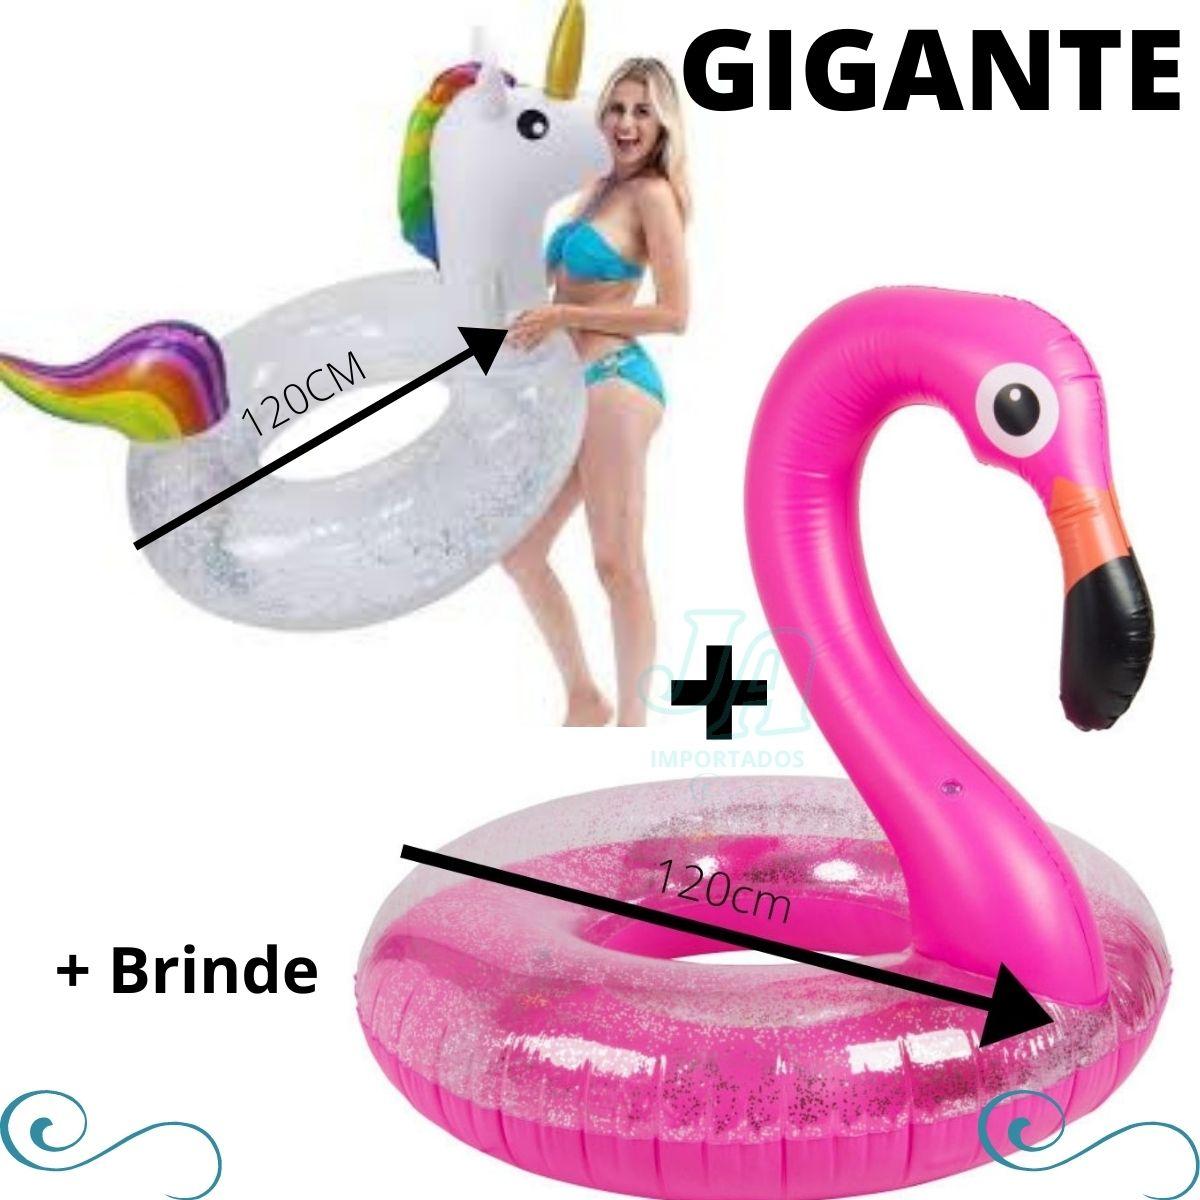 Kit Boia Unicórnio e Flamingo Adulto gigante piscina inflável 120cm